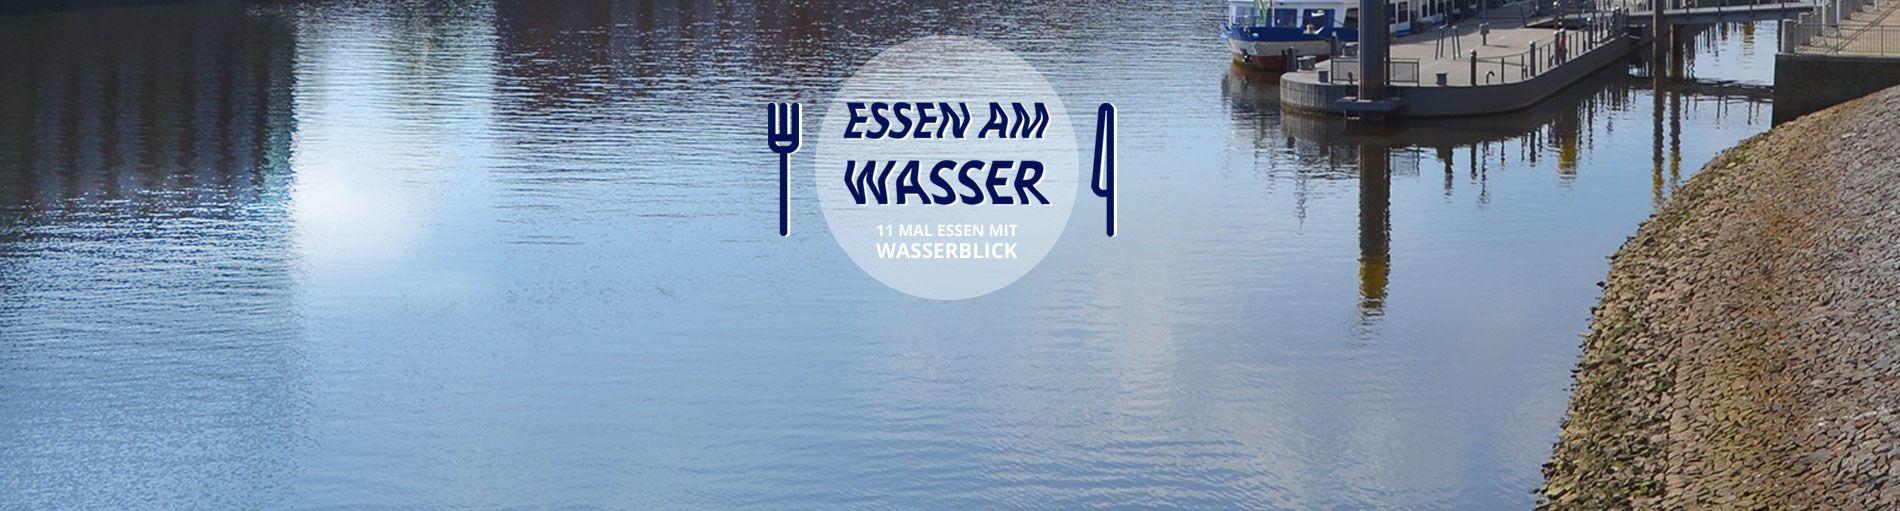 Essen am Wasser - Bremens maritime Seite genießen